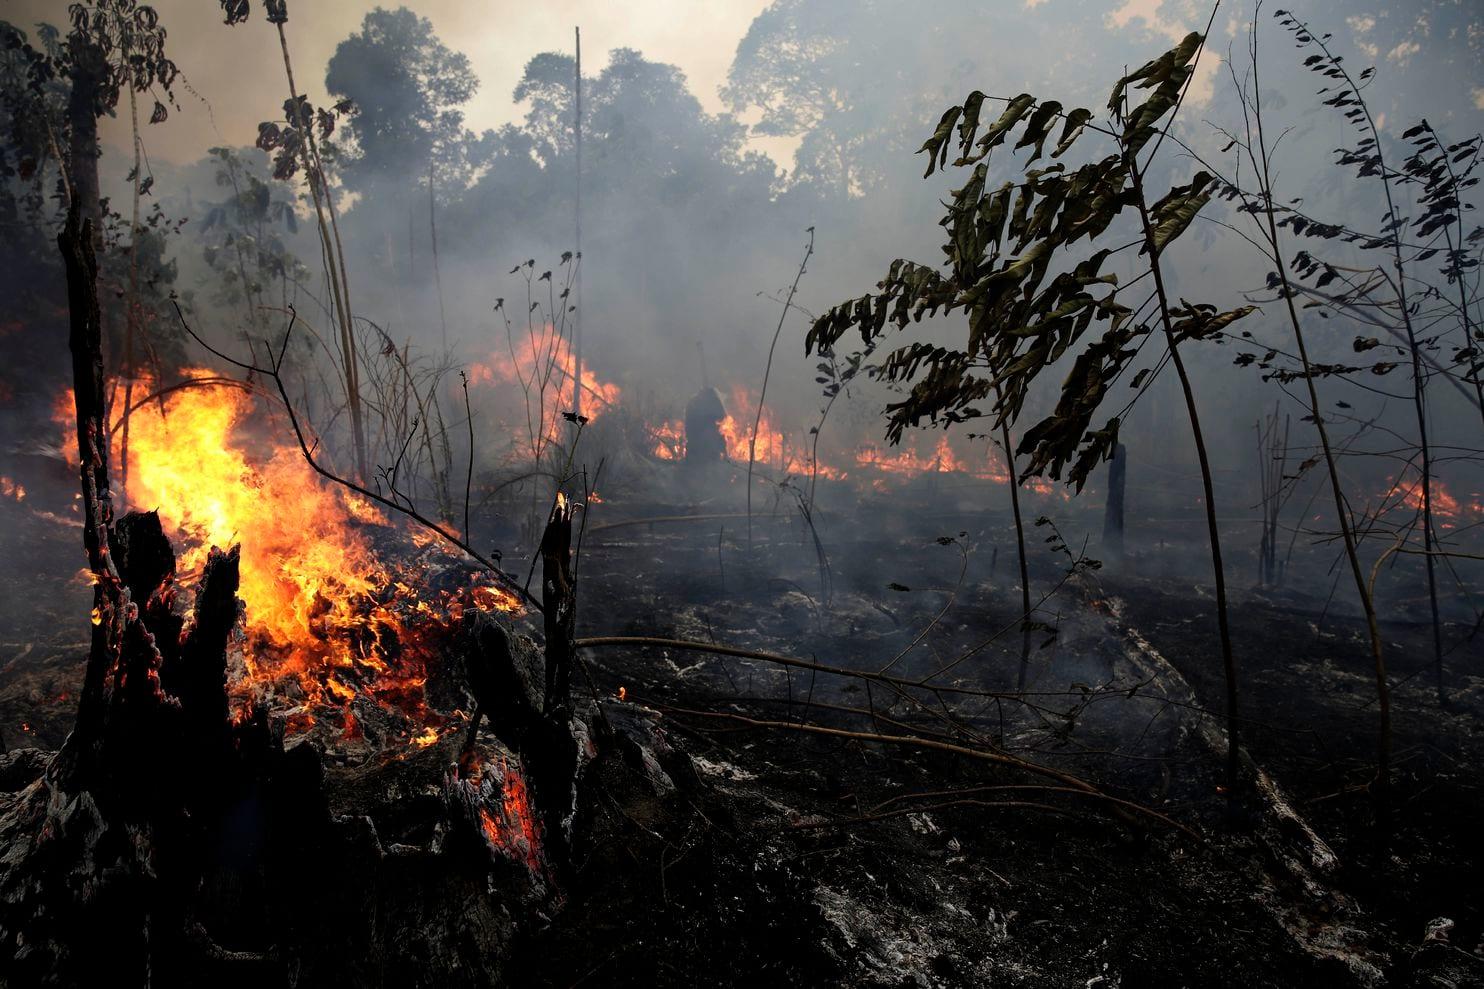 Amazonas-va-en-camino-apagarse-incendio-brasil